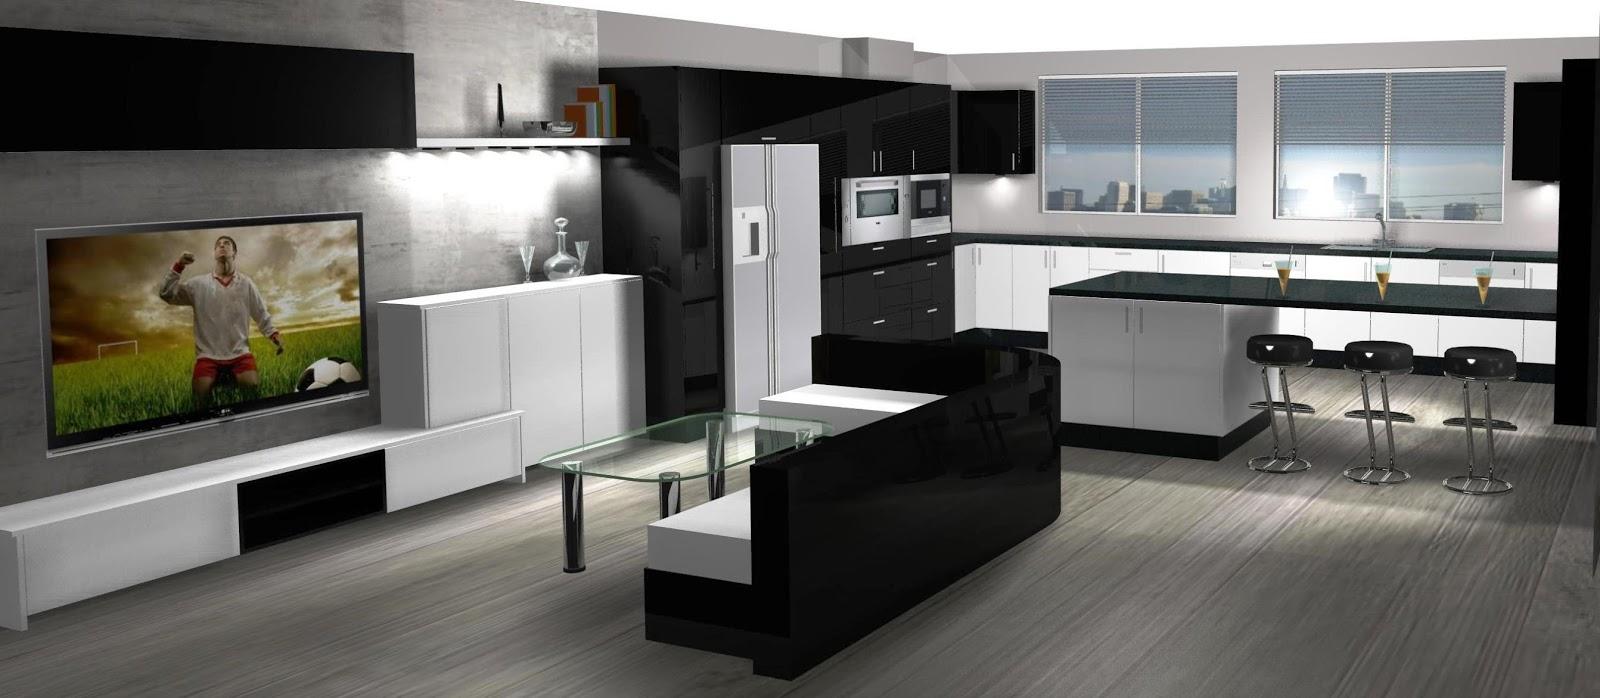 Dise o de cocina comedor lacado en blanco y negro for Diseno comedor pequeno